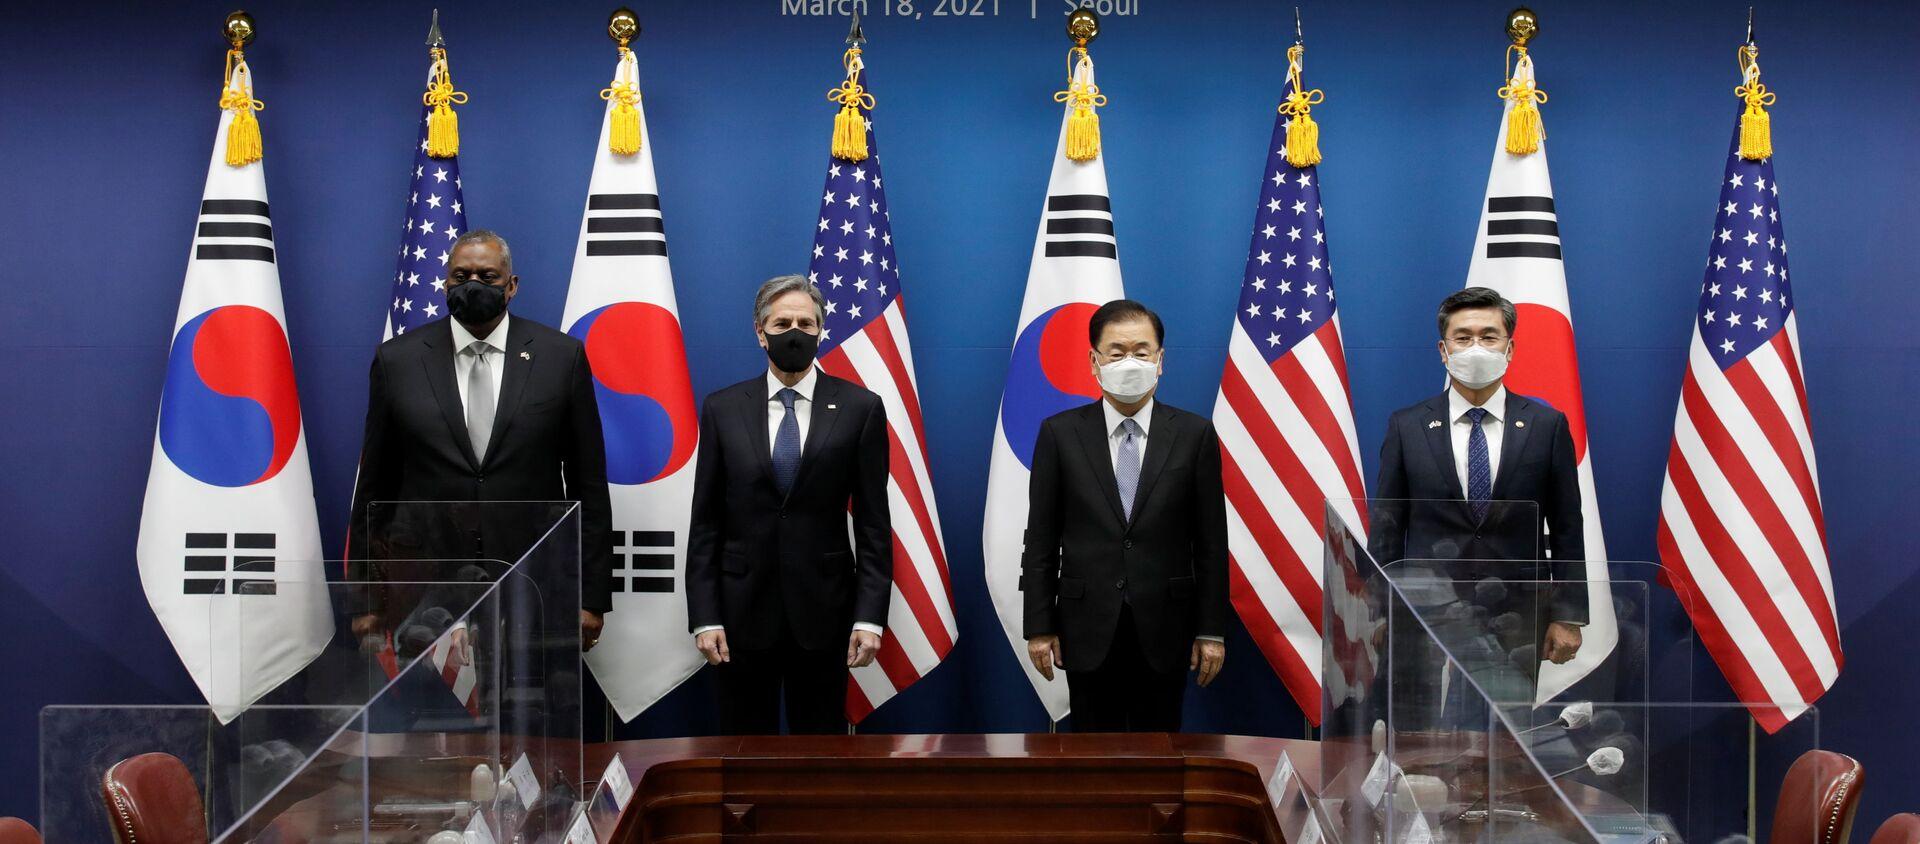 Bộ trưởng Quốc phòng Mỹ Lloyd Austin, Bộ trưởng Ngoại giao Mỹ Antony Blinken, Bộ trưởng Ngoại giao Hàn Quốc Chung Eui-yong và Bộ trưởng Quốc phòng Hàn Quốc Seo Wook tại cuộc gặp ở Seoul - Sputnik Việt Nam, 1920, 25.03.2021